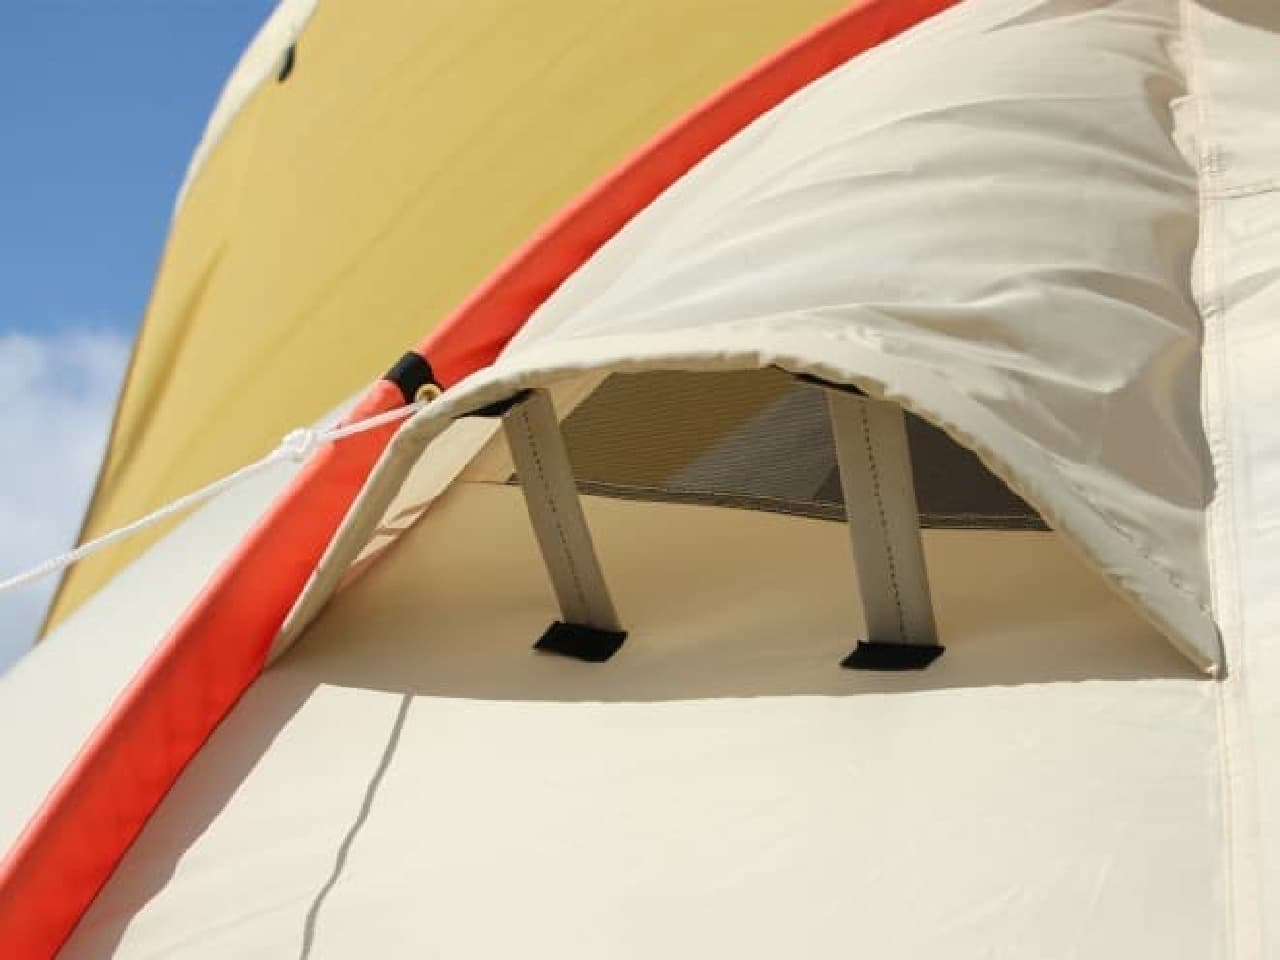 テントの世界に2LDK!…かまぼこ型テントの2017年バージョン「カマボコテント2」